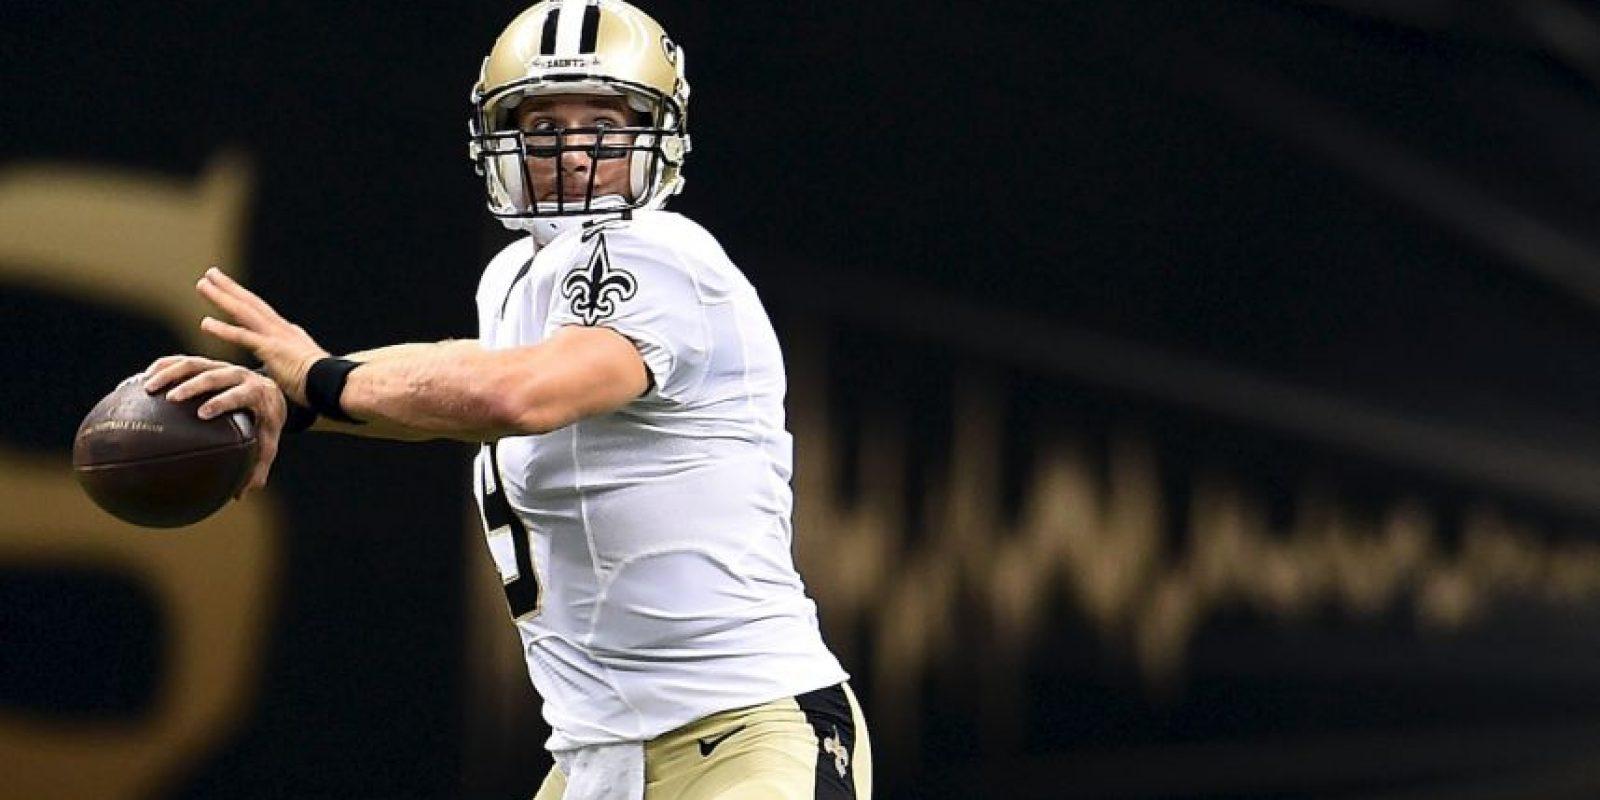 El quarterback de los New Orleans Saints percibe 26.4 millones de dólares; es el mejor pagado de la NFL Foto:Getty Images